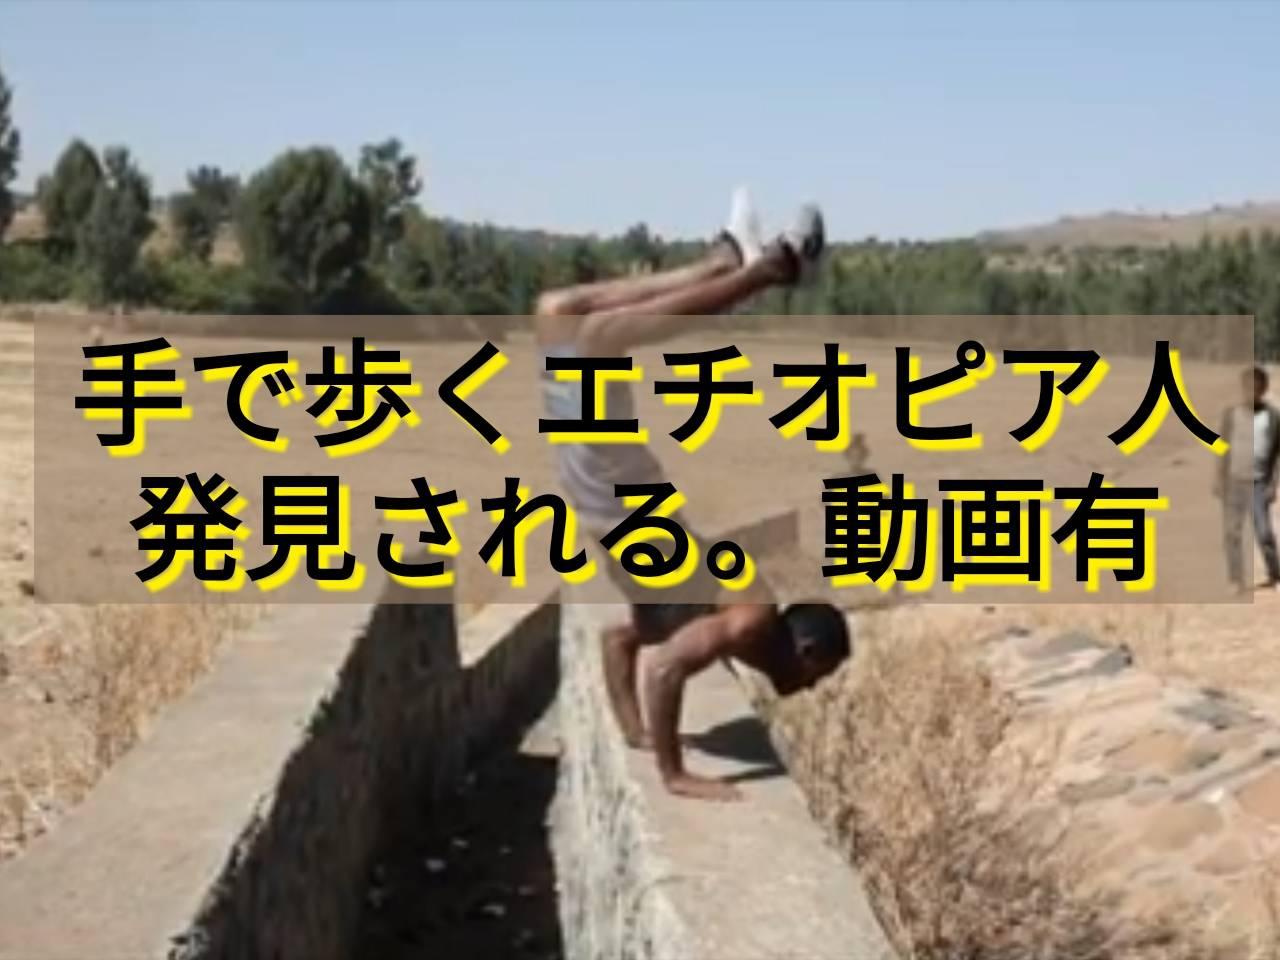 手で歩くエチオピア人が発見される。(動画あり)